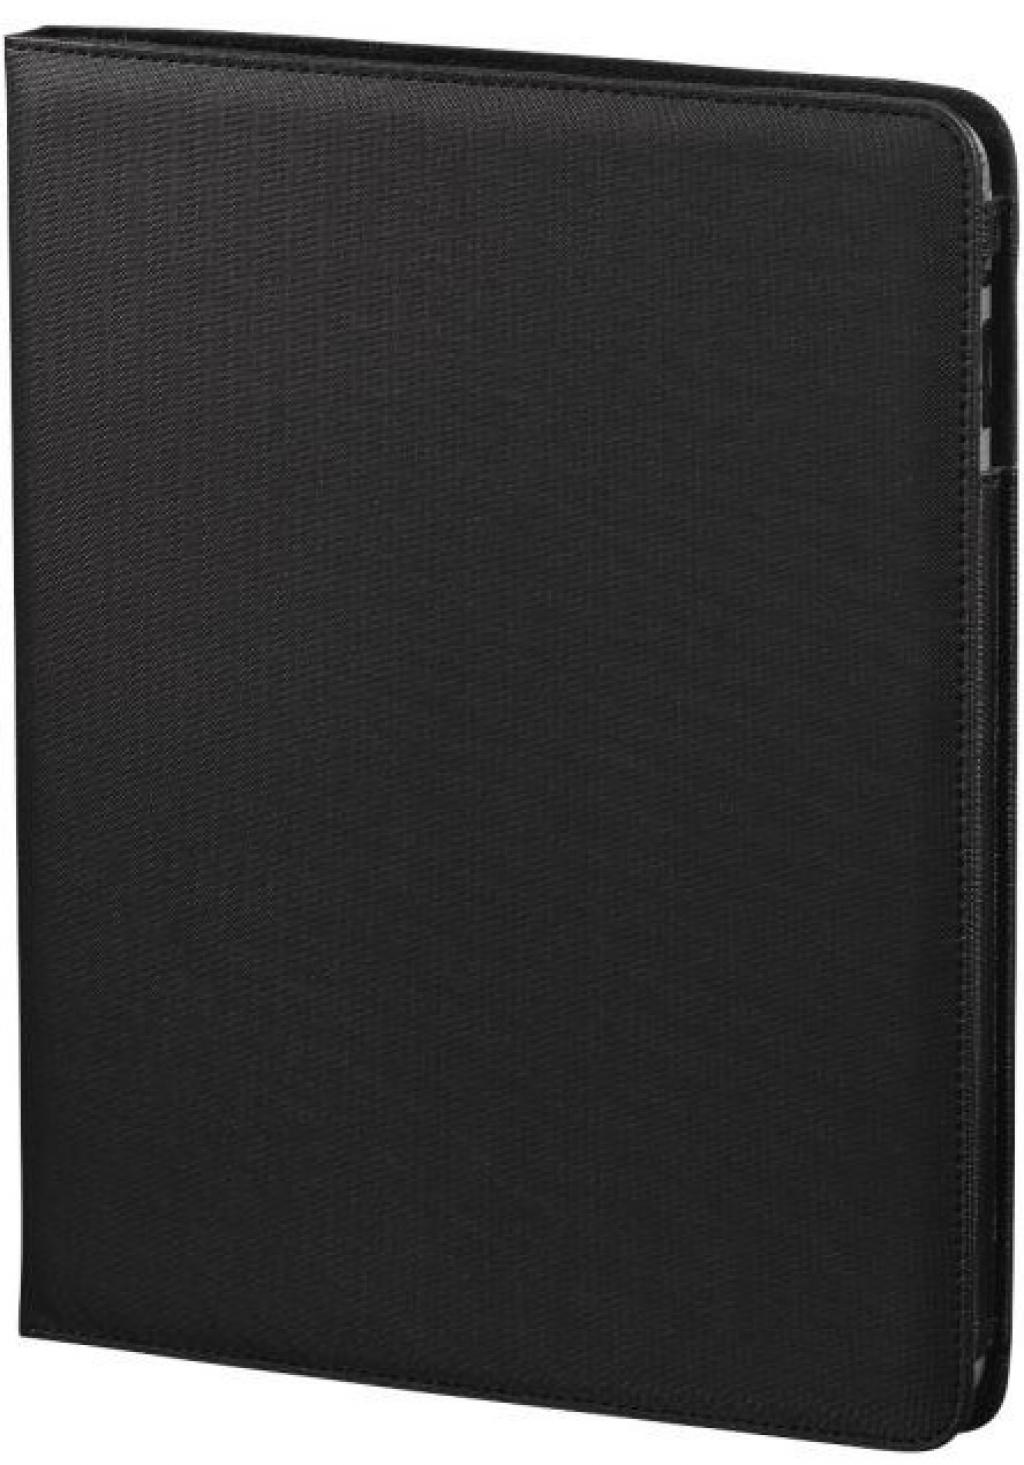 Калъф за електронна книга  HAMA-173569 Kindle Arezzo WiFi/Paperwhite/Kobo Touch/Glo